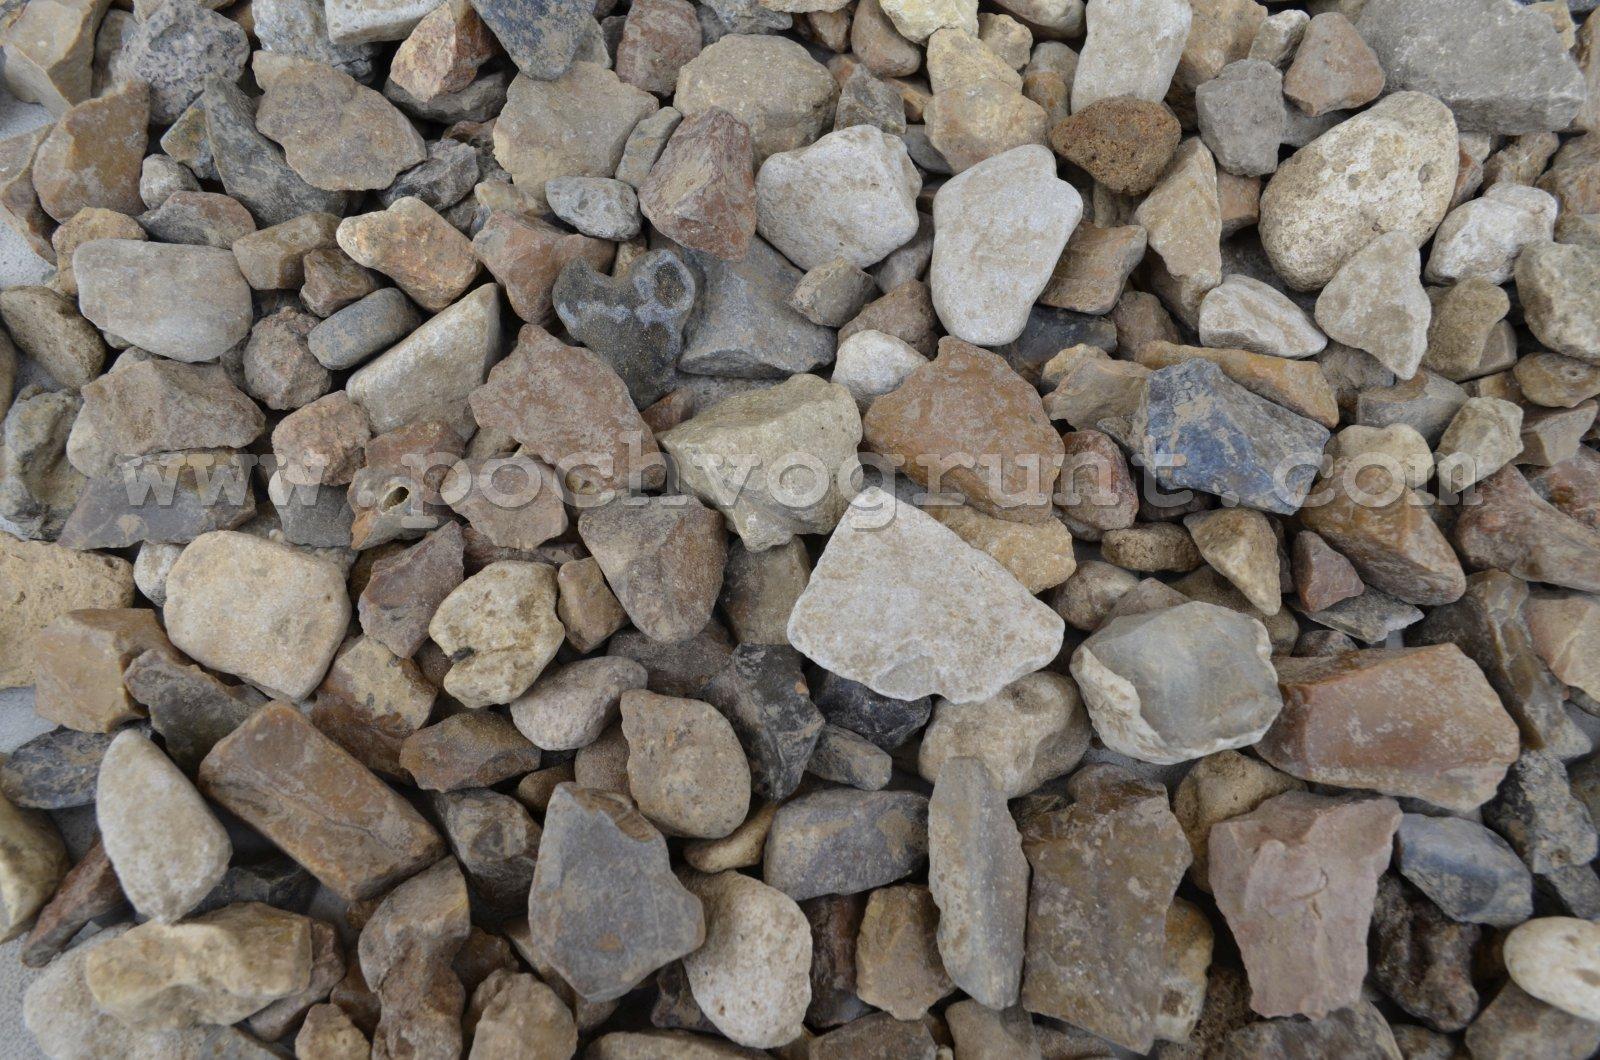 Щебень гравийный крупная фракция 10-25 мм в Чехове и Чеховском районе купить